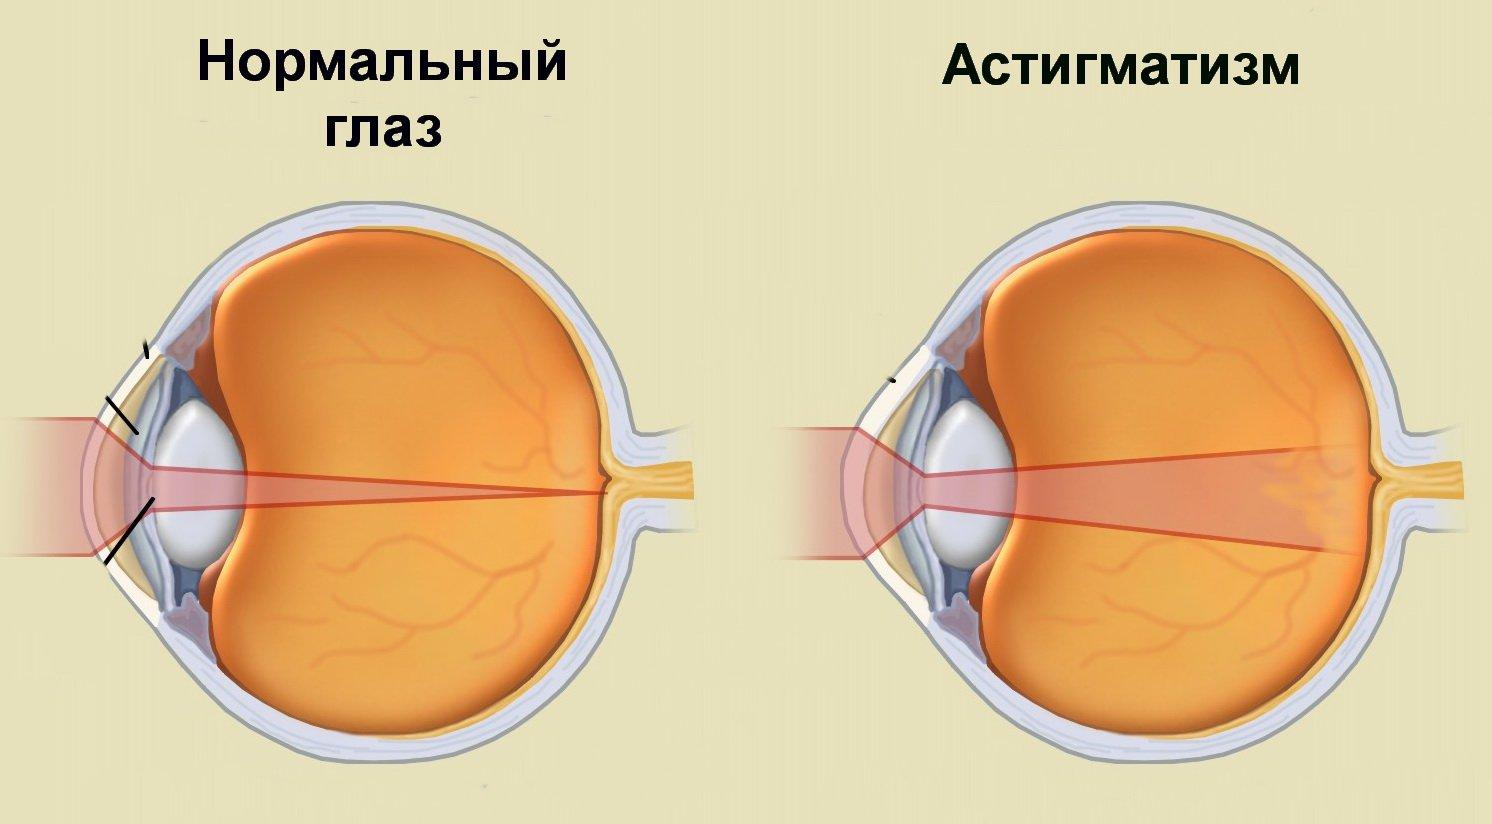 Egy sor gyakorlat a látás javítása érdekében